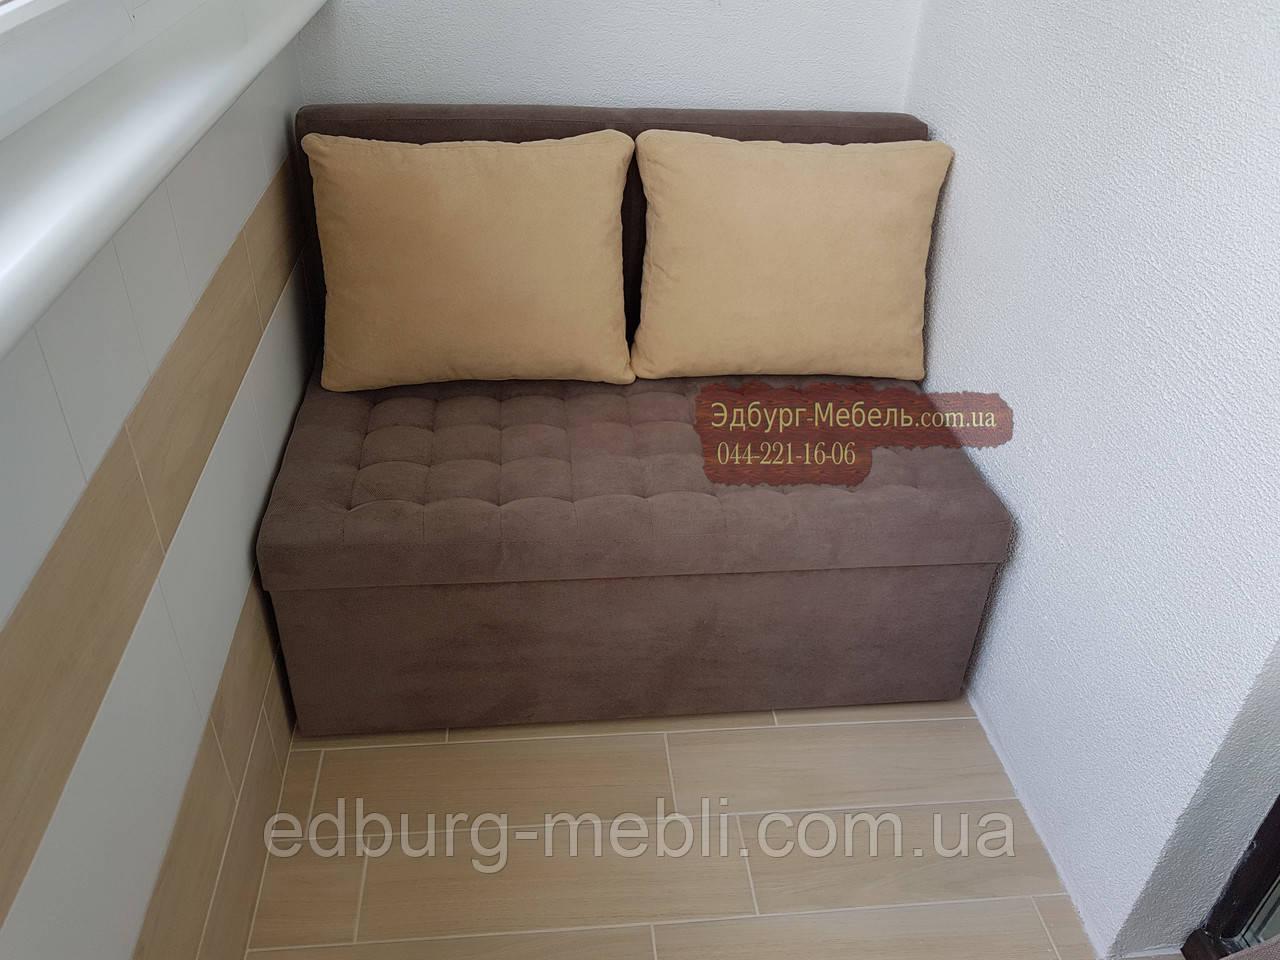 Диван для кухні, коридору, лоджії зі спальним місцем